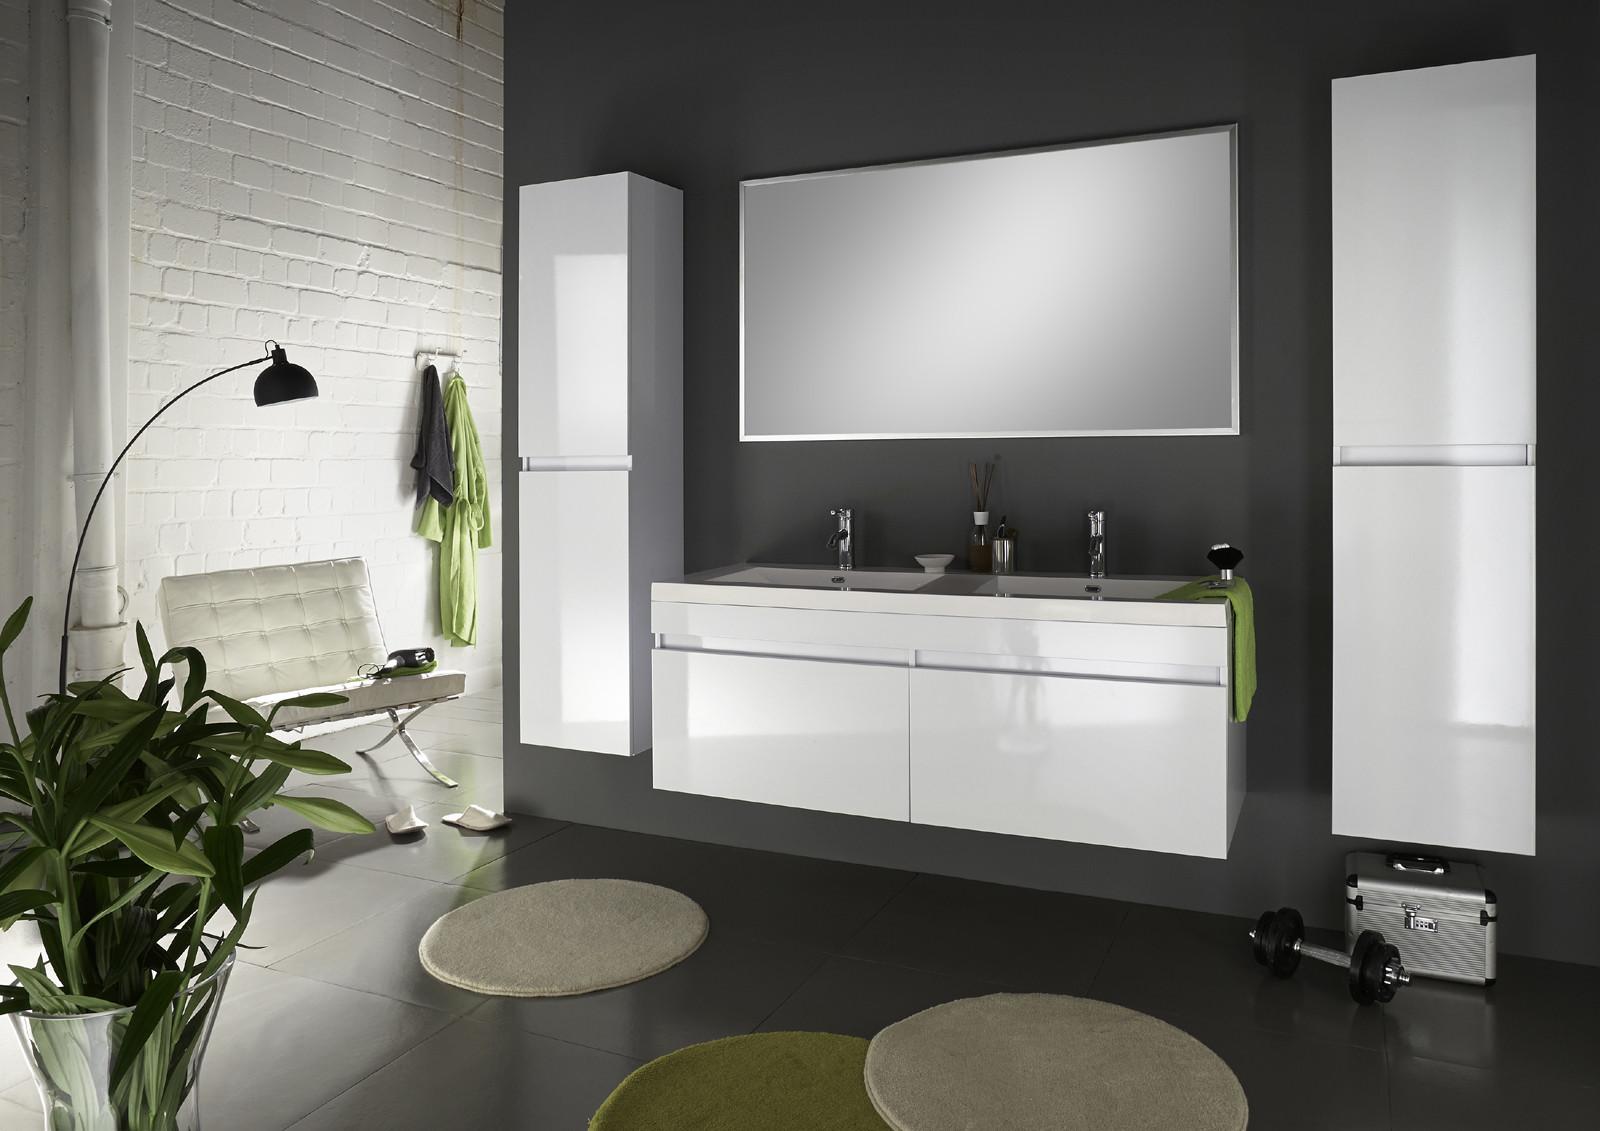 die besten ideen für badmöbel weiß  beste wohnkultur